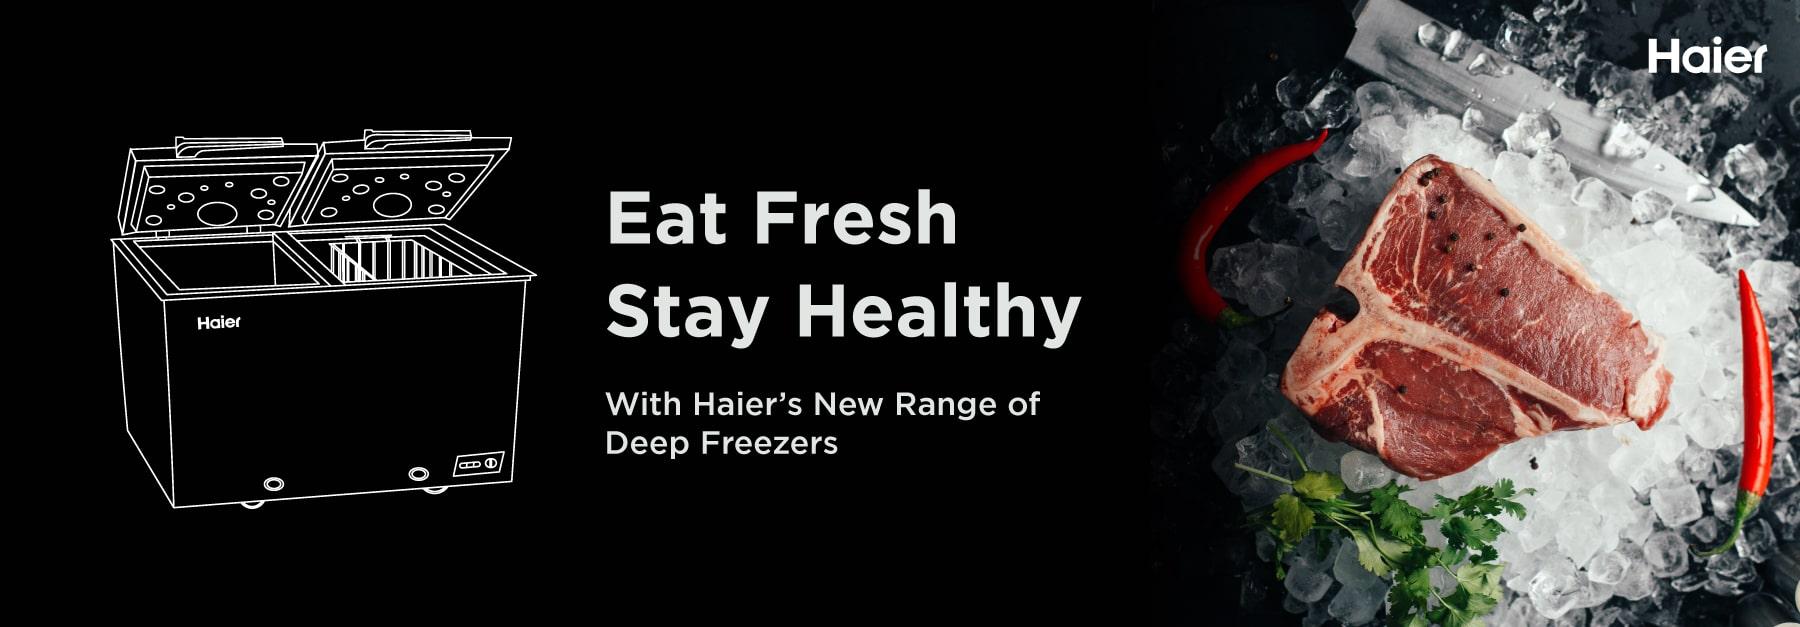 Eat Fresh Stay Healthy